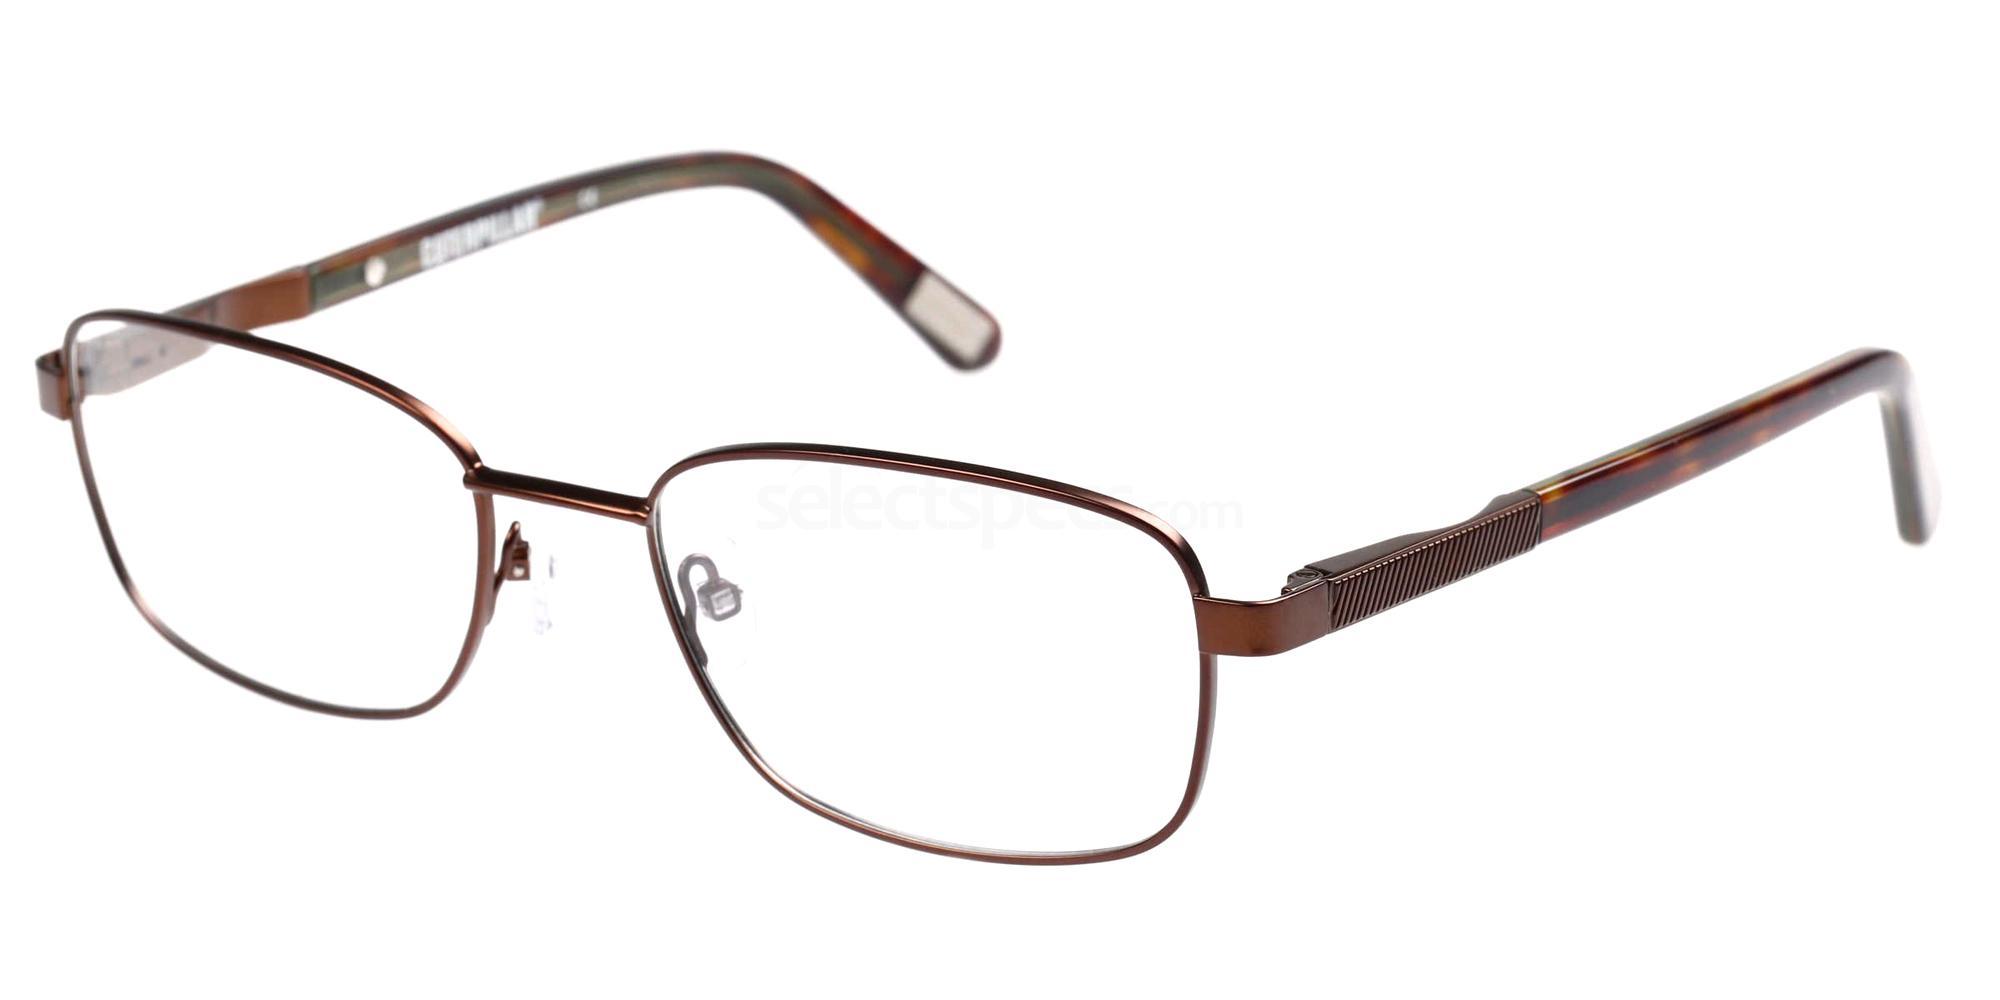 003 CTO-CALCITE Glasses, CAT